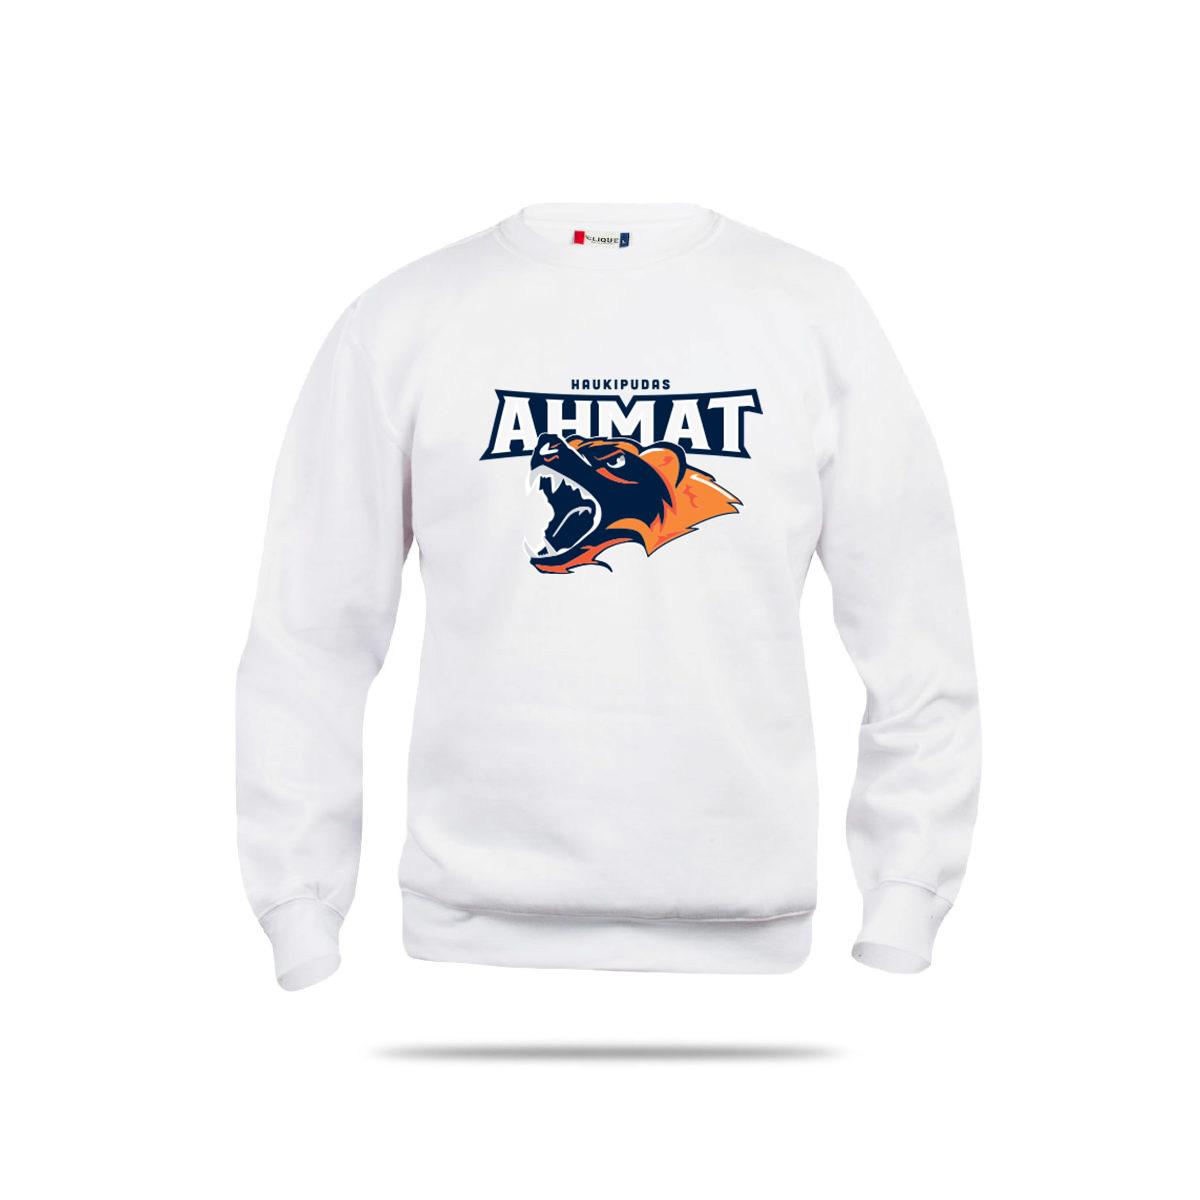 Ahmat-fani-3023-valk-original